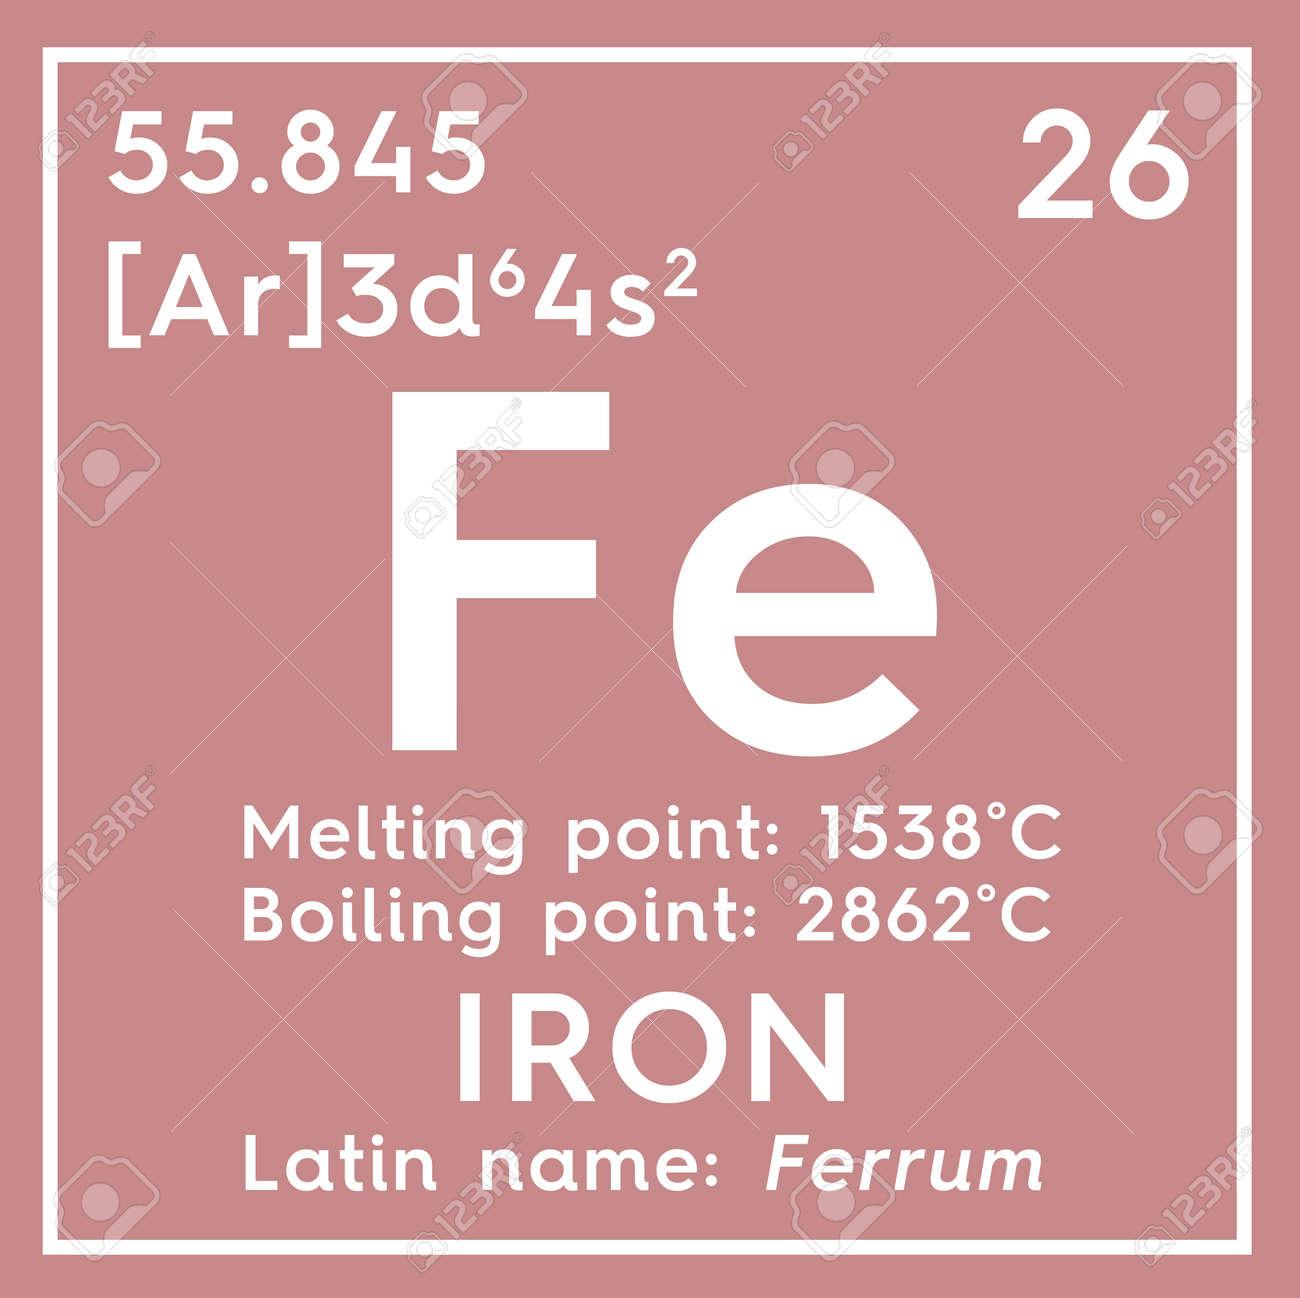 Hierro ferrum metales de transicin elemento qumico de la tabla foto de archivo hierro ferrum metales de transicin elemento qumico de la tabla peridica de mendeleev hierro en un cubo cuadrado concepto creativo urtaz Choice Image